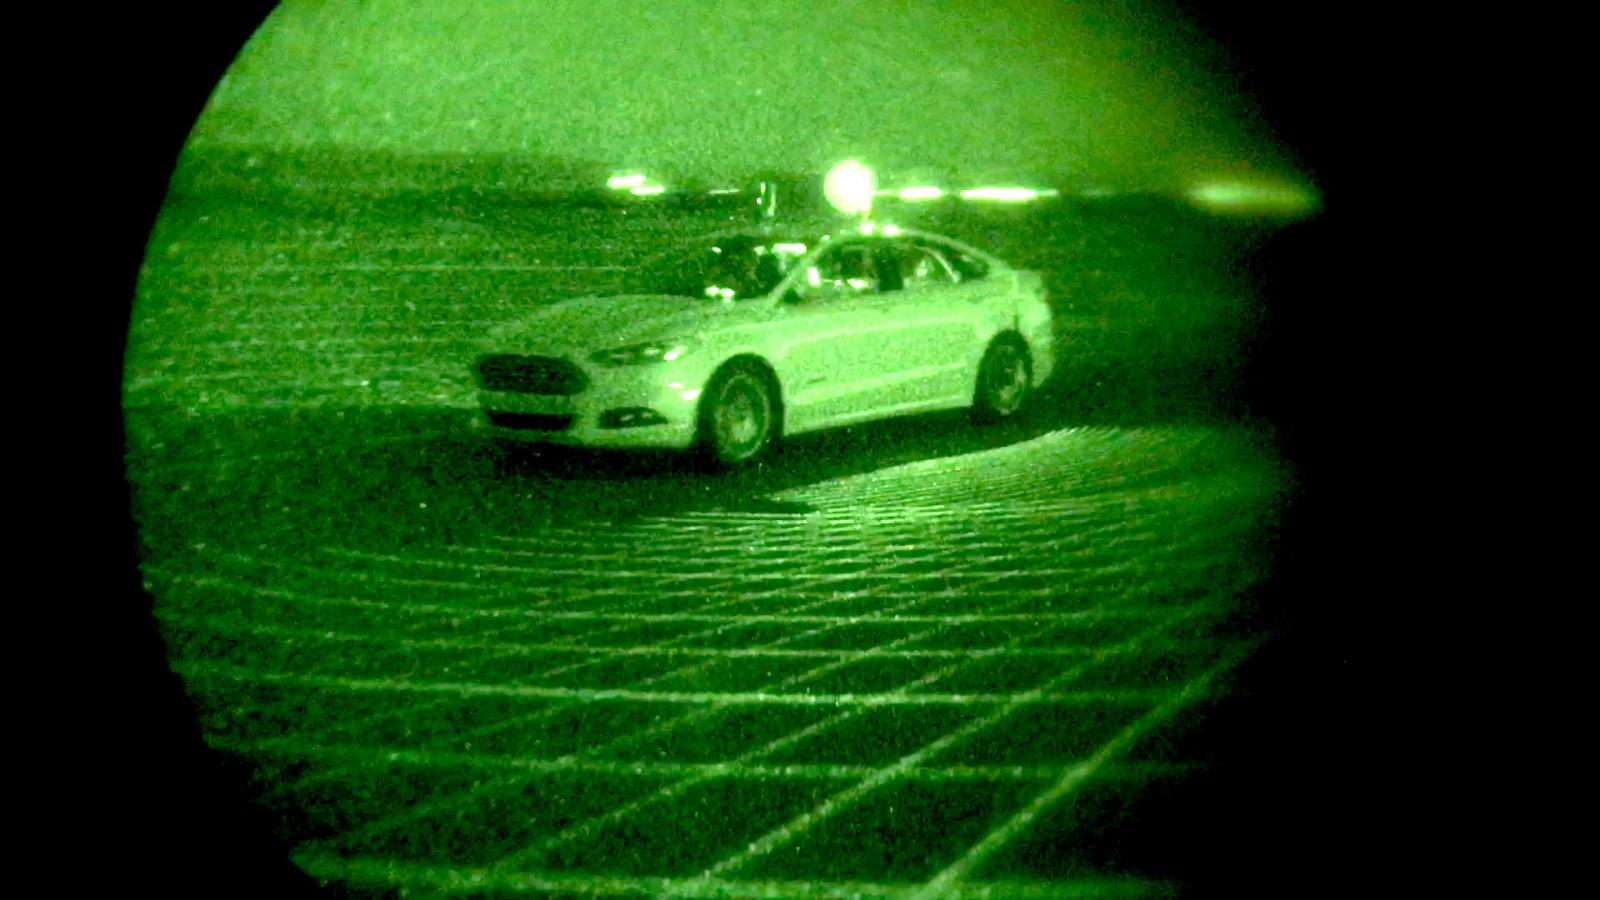 Беспилотный Ford проехал по трассе в кромешной темноте - 1